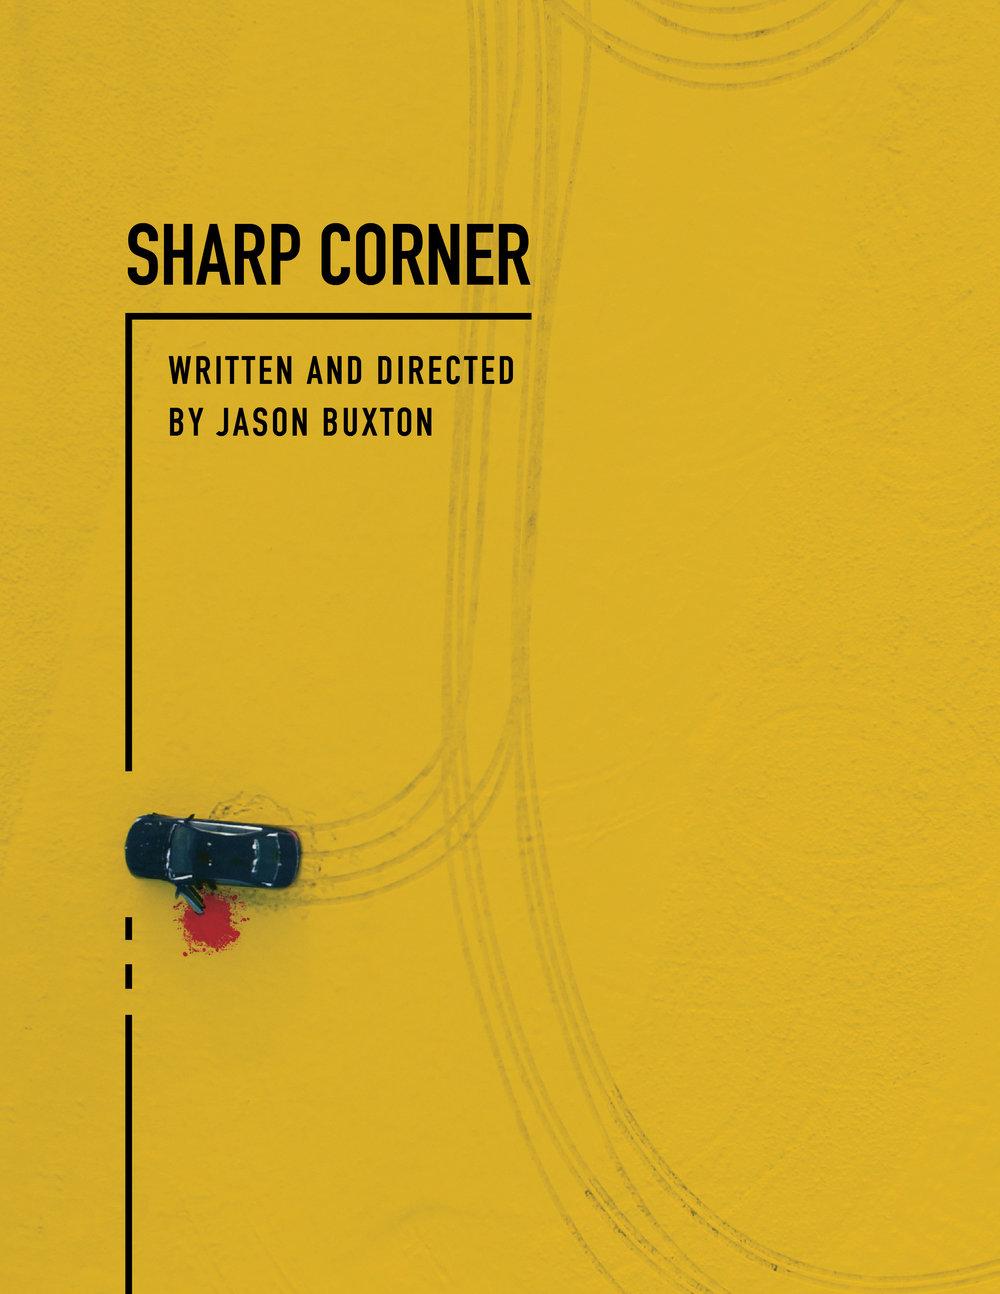 Sharp_Corner_cover_website.jpg